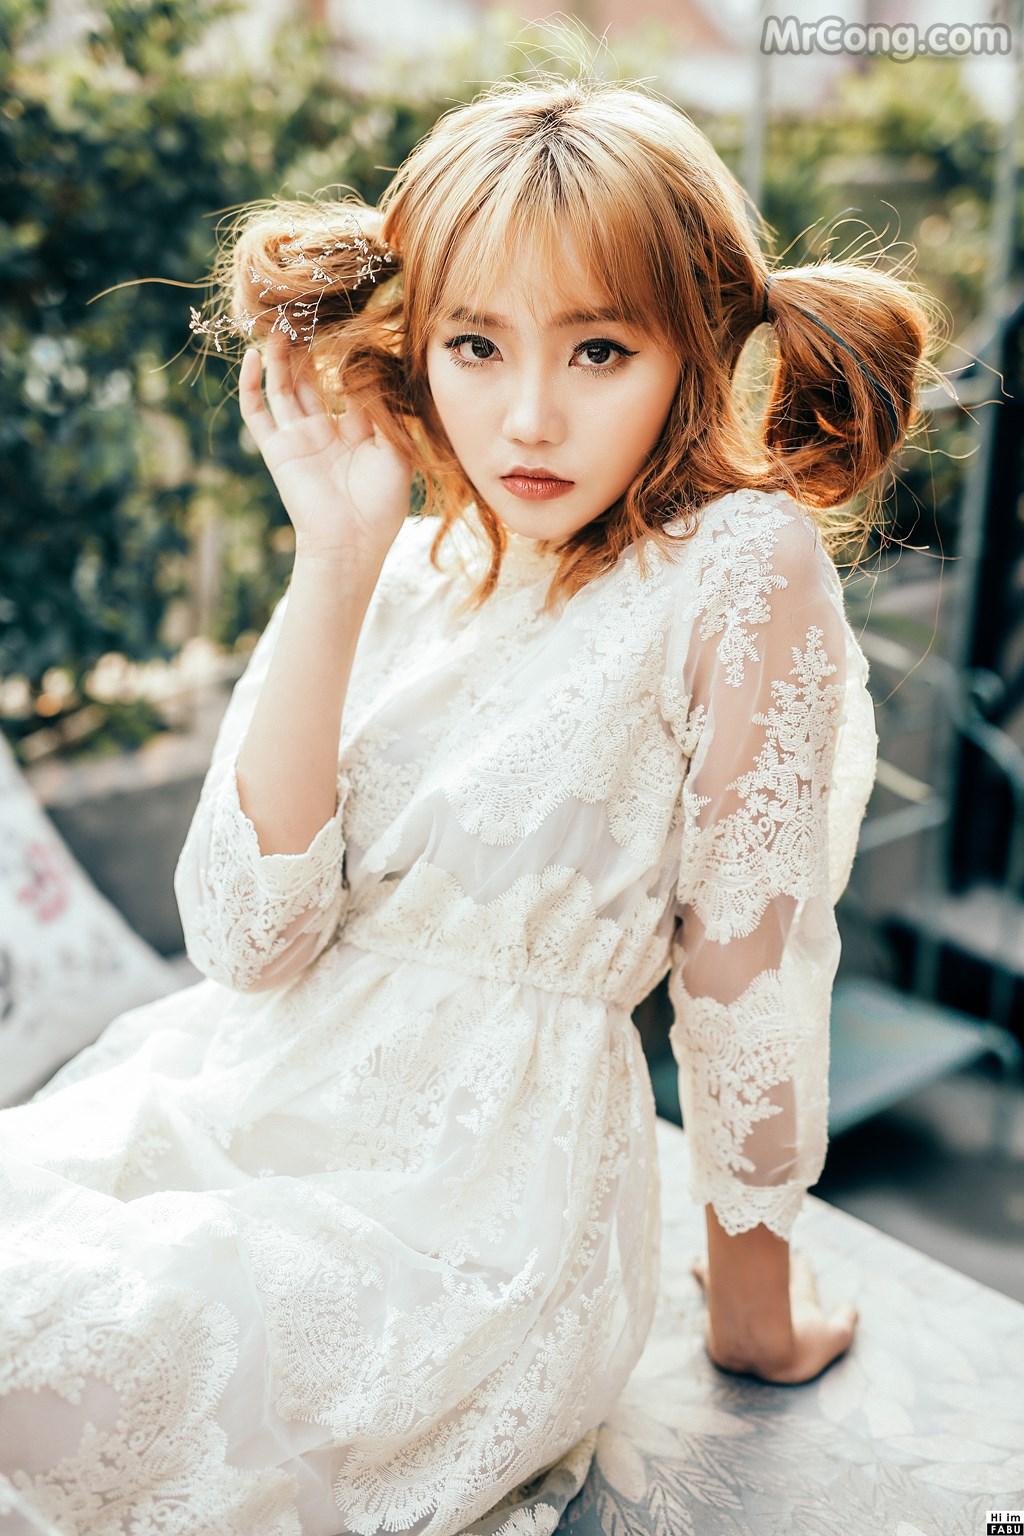 Image Girl-Xinh-Viet-Nam-by-Khanh-Hoang-MrCong.com-008 in post Tổng hợp ảnh girl xinh Việt Nam chất lượng cao – Phần 29 (314 ảnh)